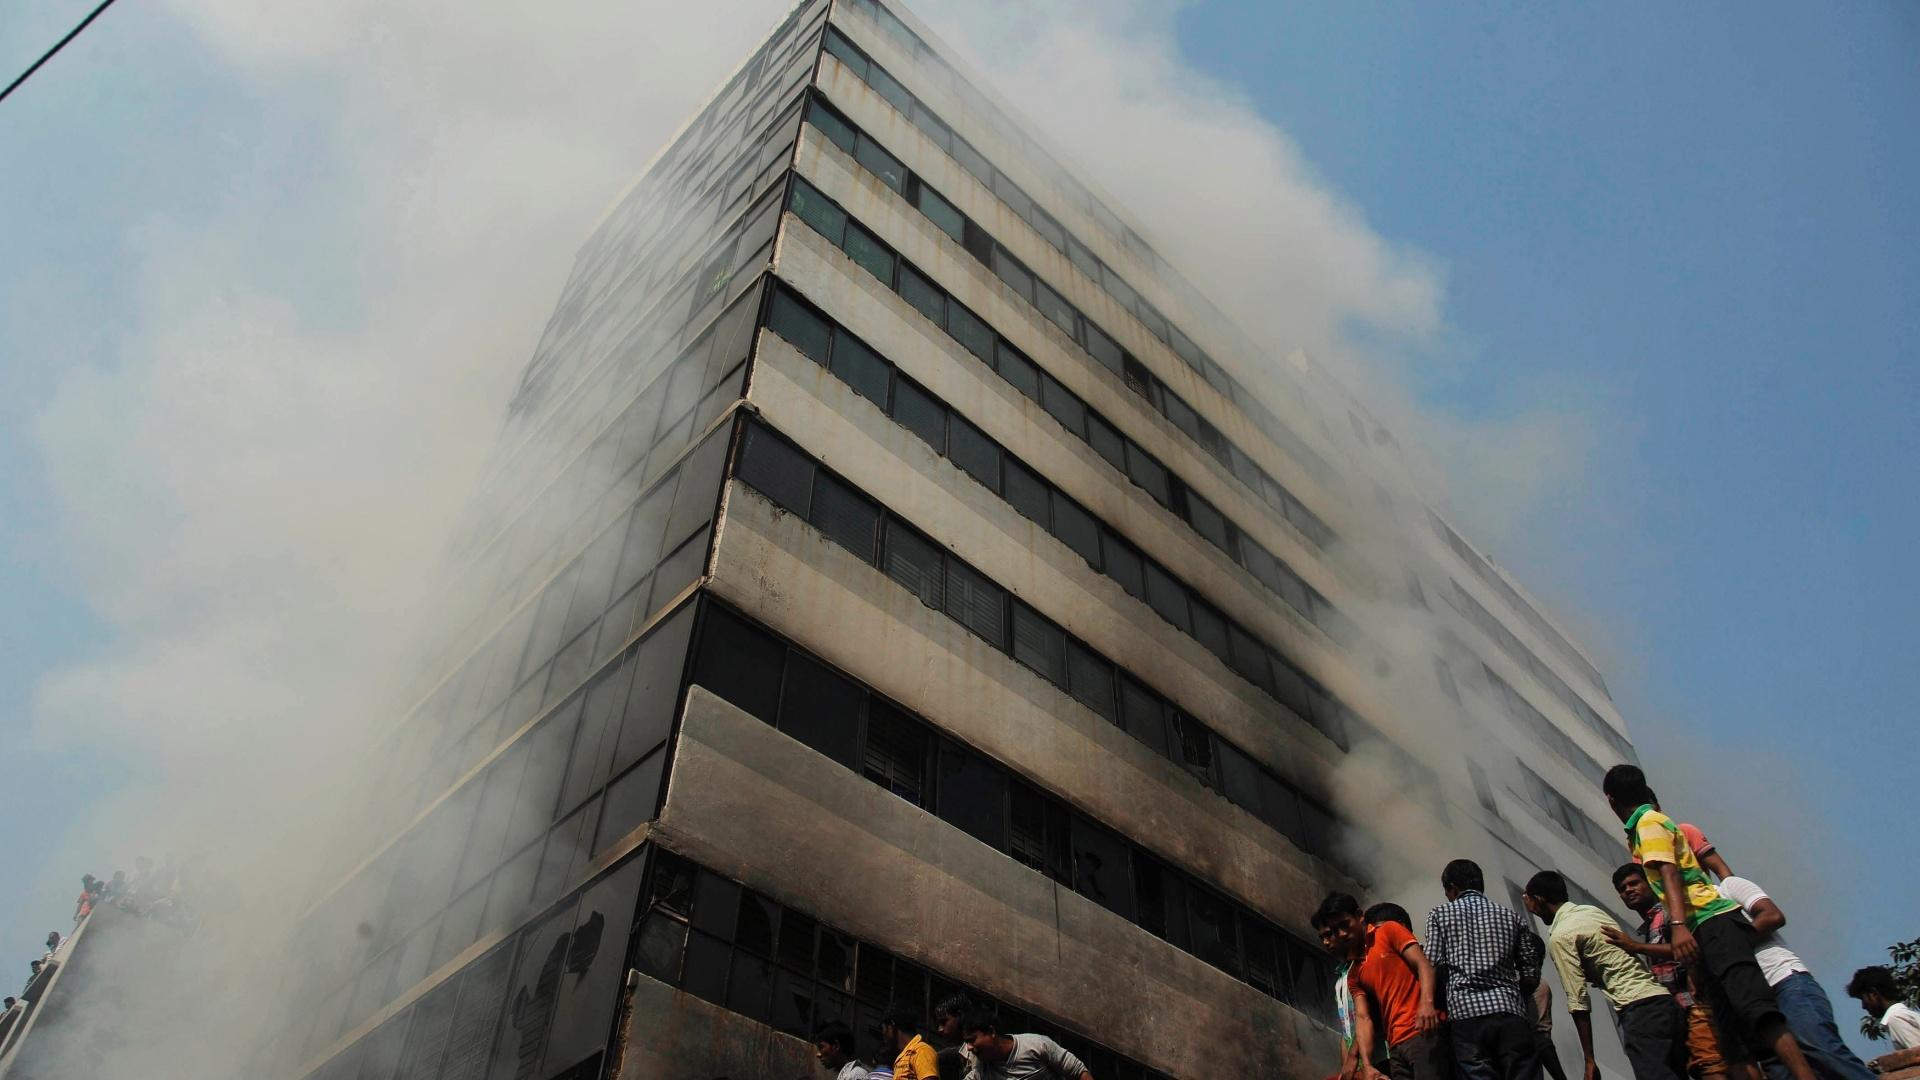 d0ba1a53e Milhares protestam em Bangladesh após incêndio fatal em fábrica de ...